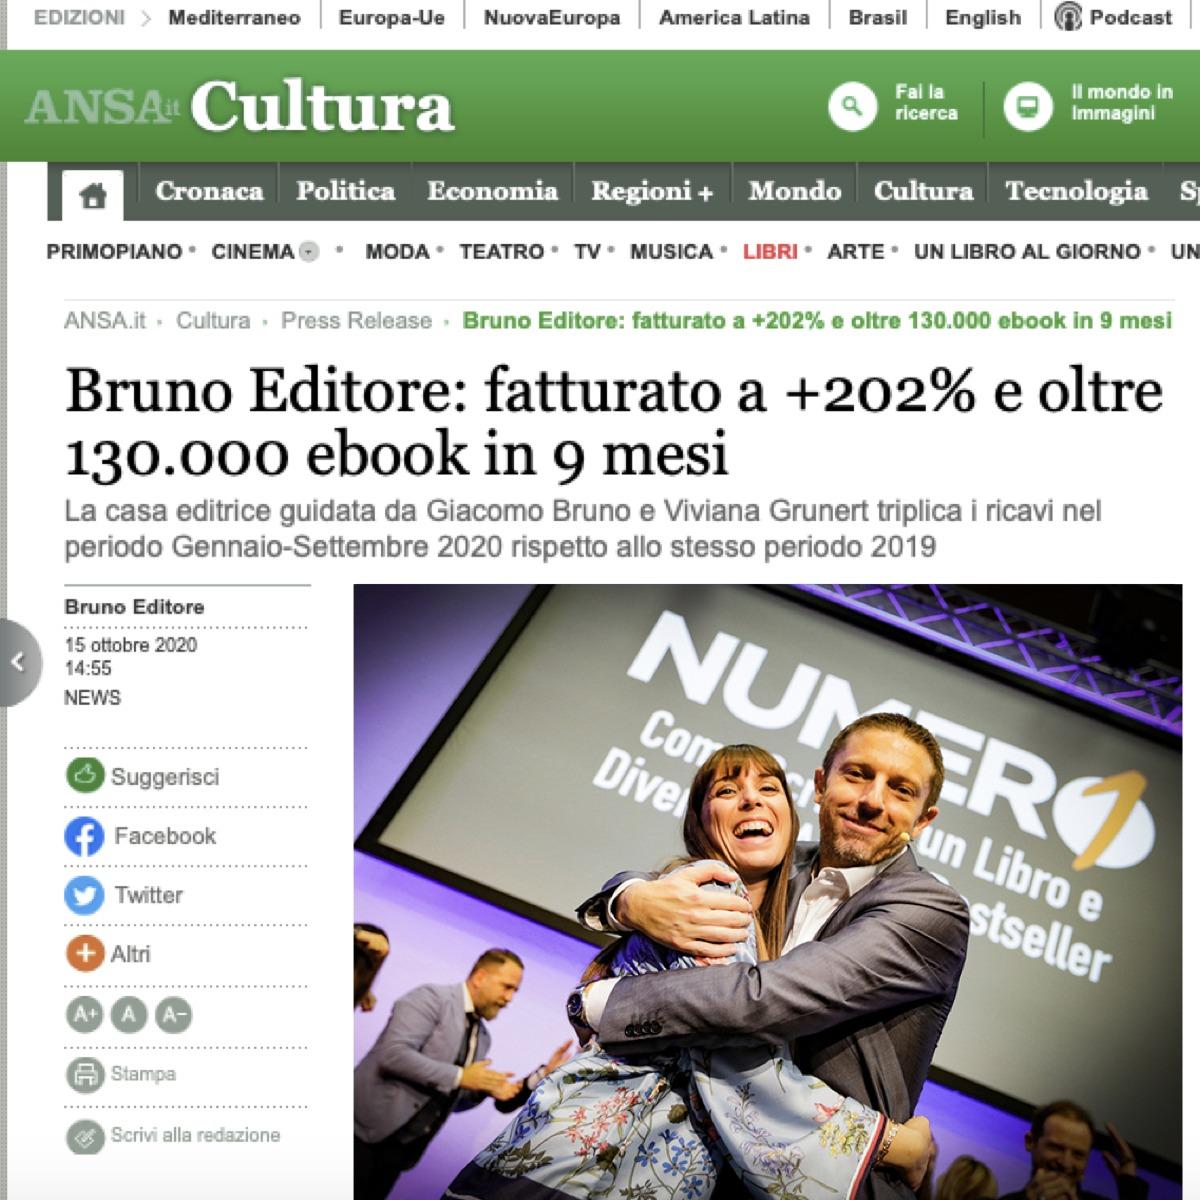 BRUNO EDITORE ANSA